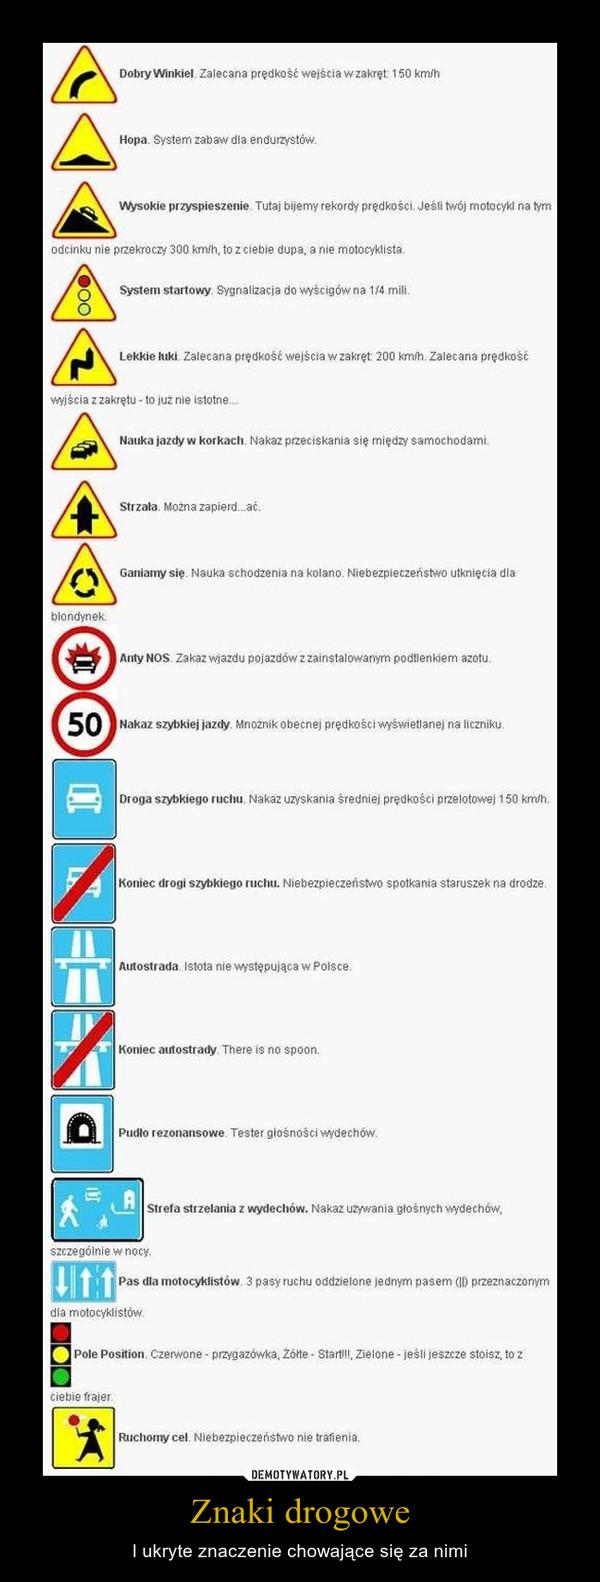 Znaki drogowe – I ukryte znaczenie chowające się za nimi